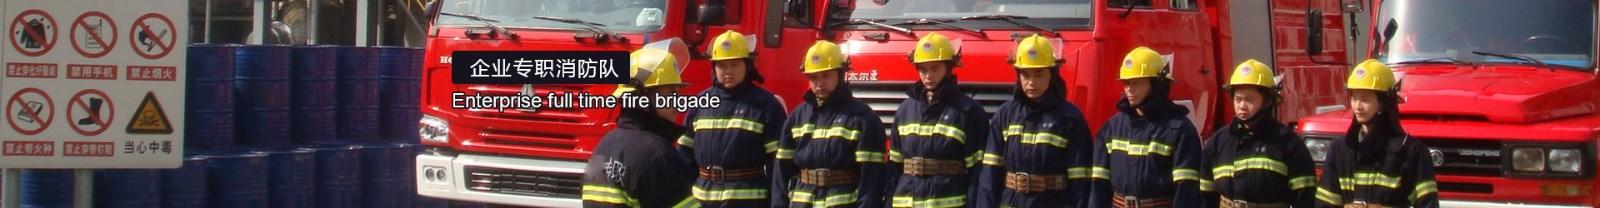 企业专职消防队